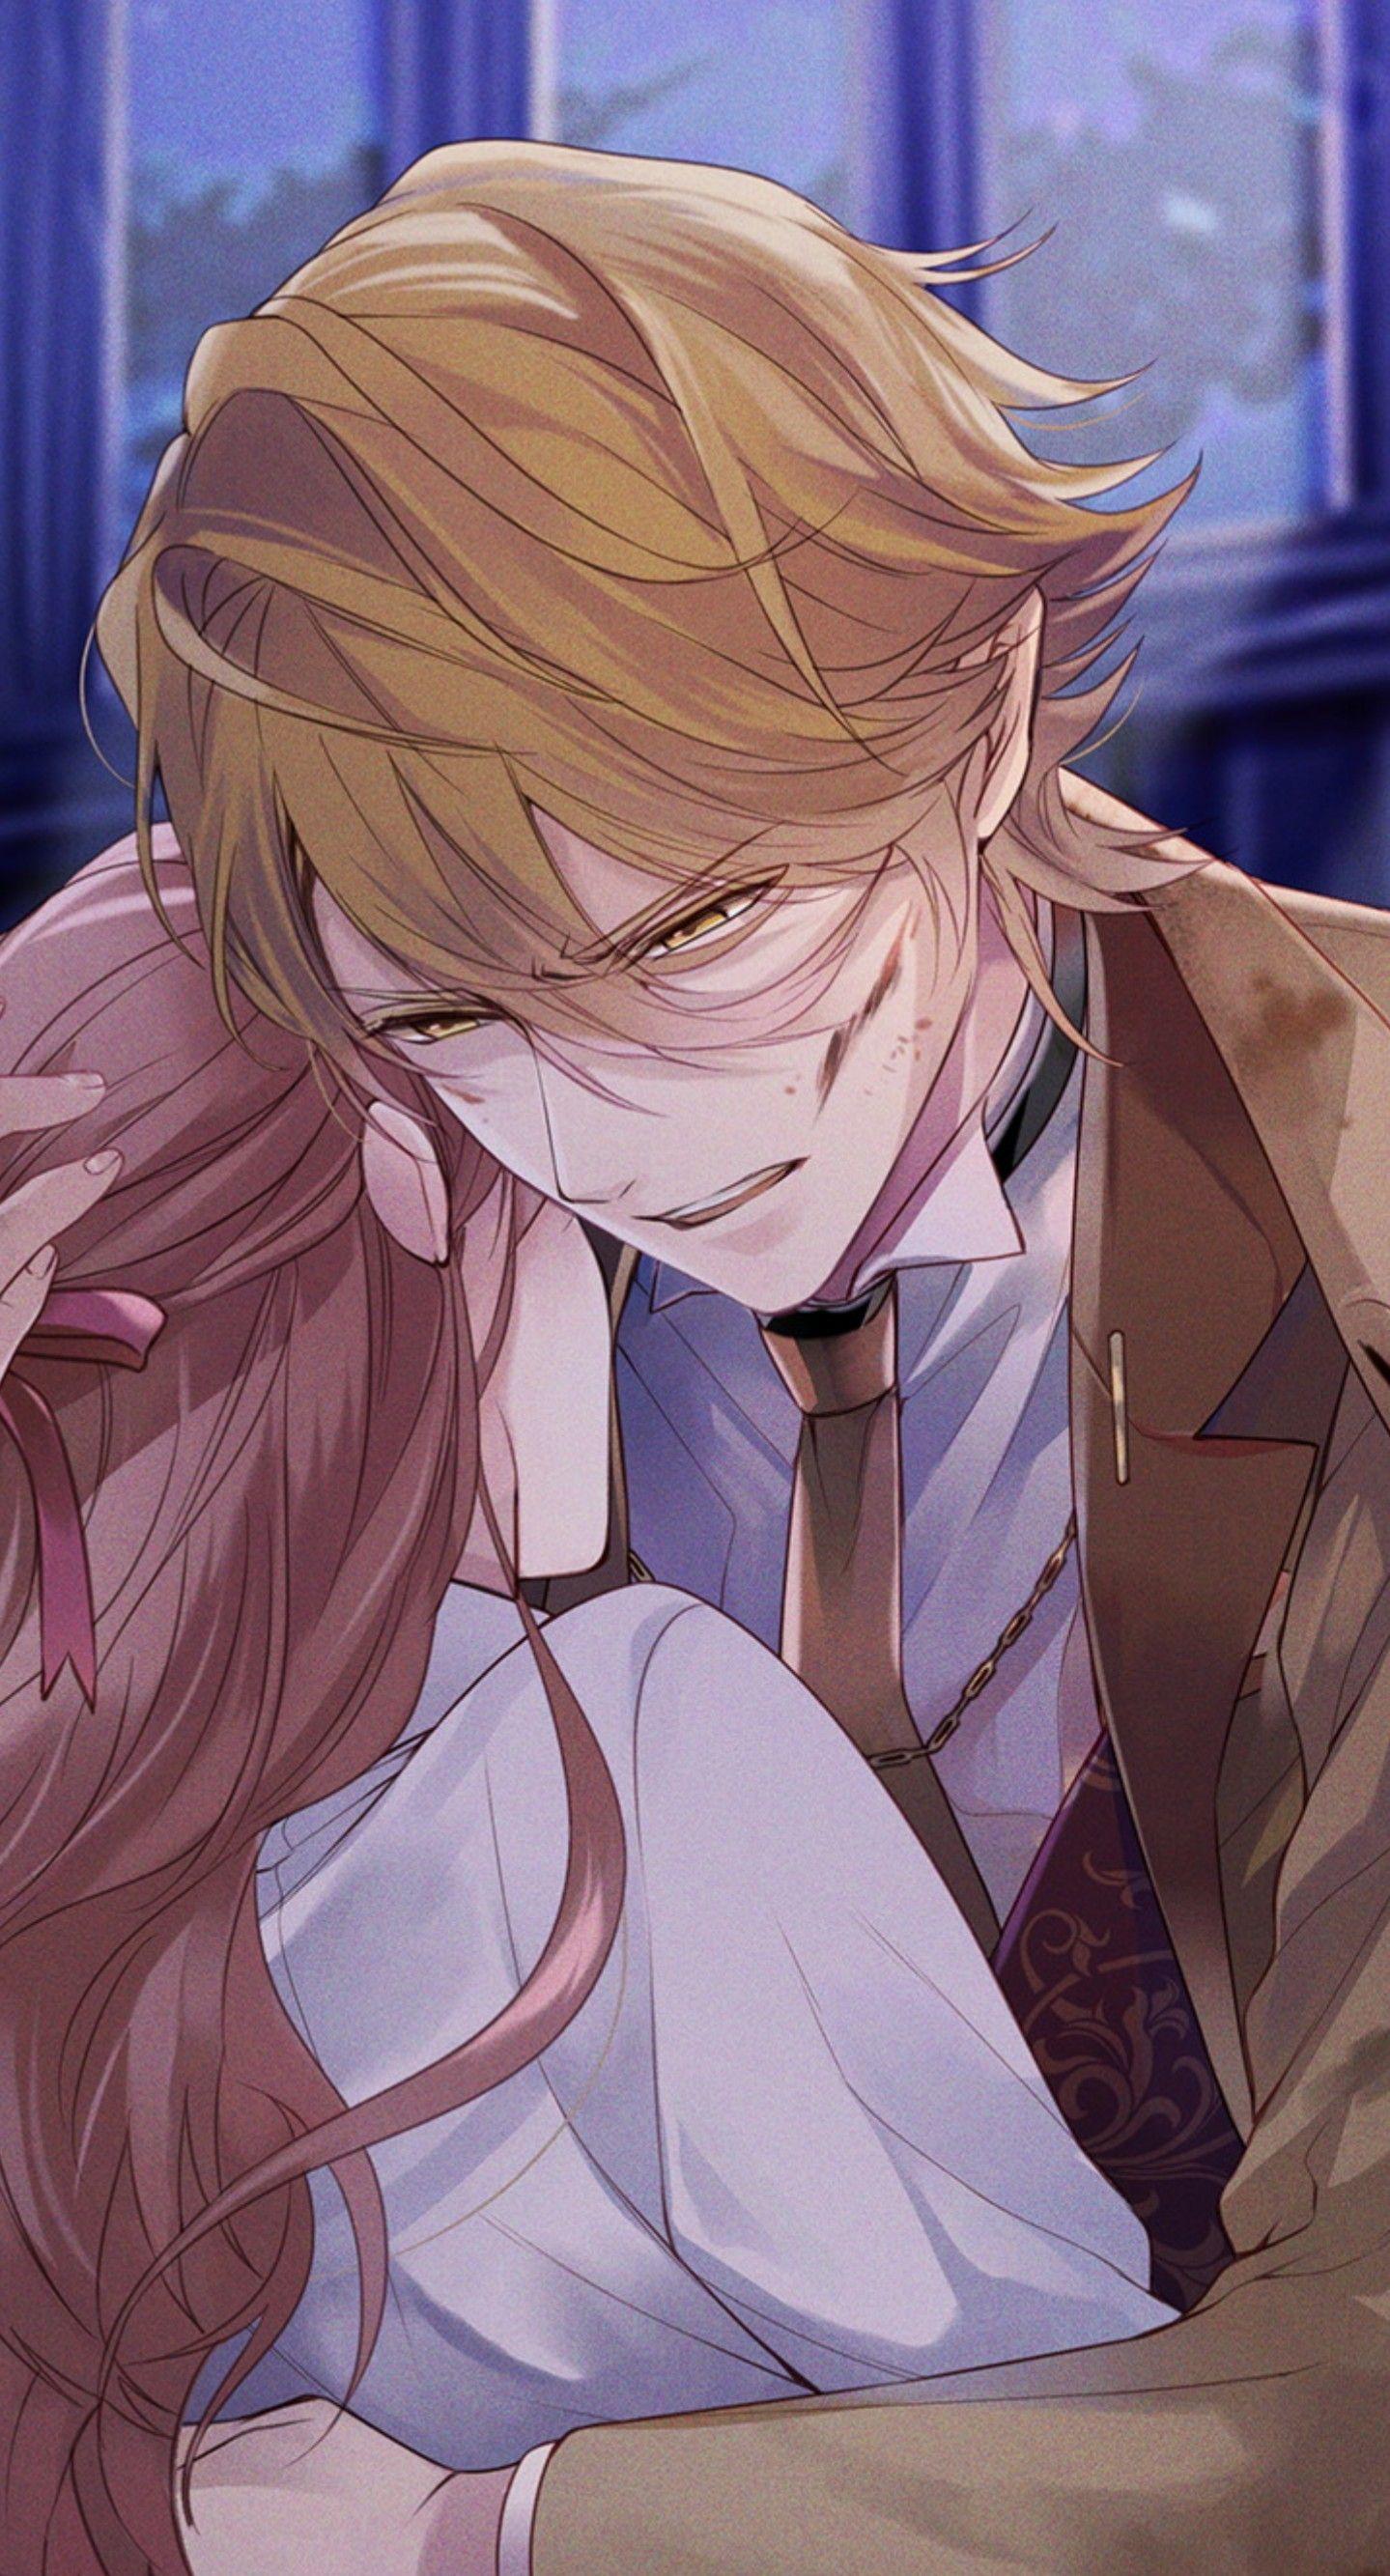 Pin by ashAksara on Ikemen Vampire in 2020 Anime guys